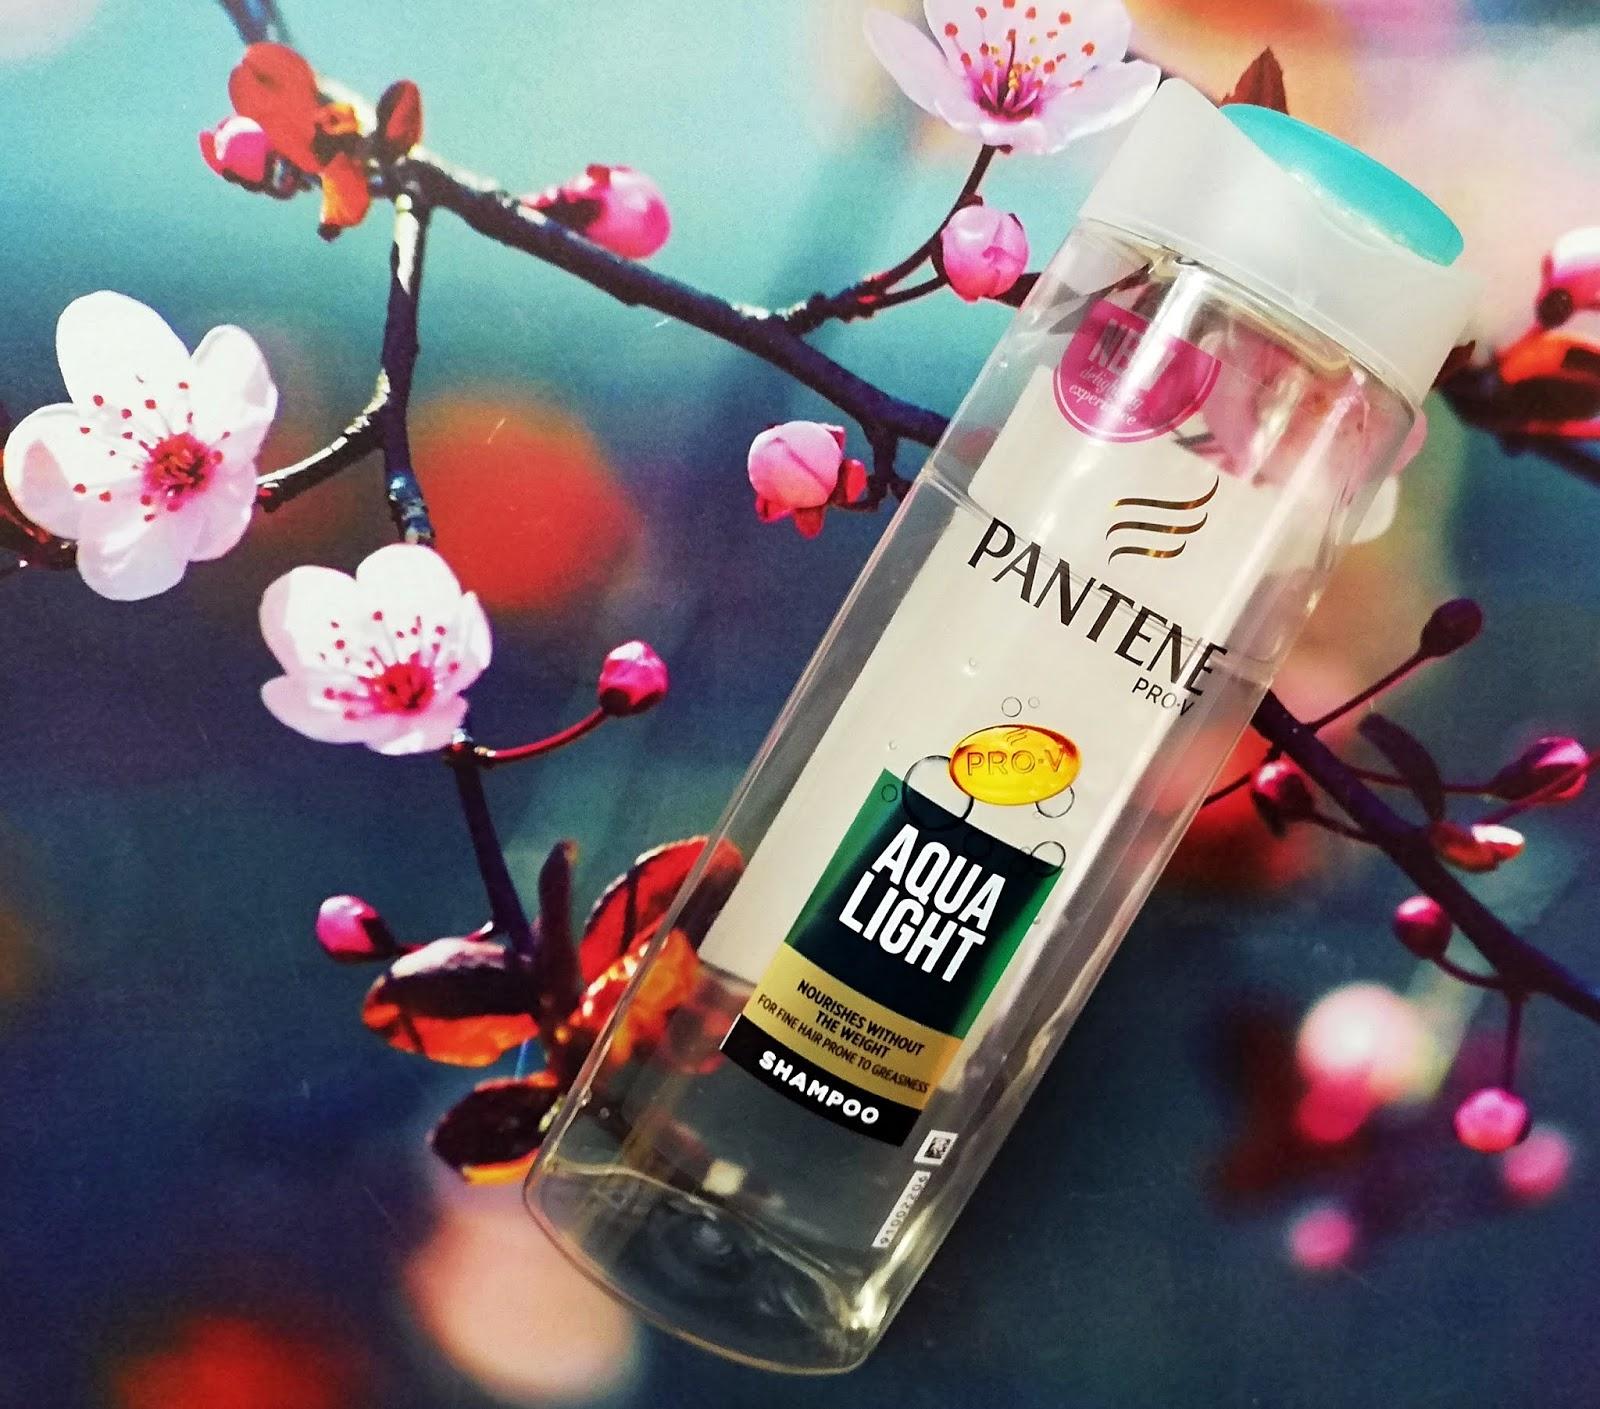 Szampon do włosów Pantene Pro-V Aqua Light